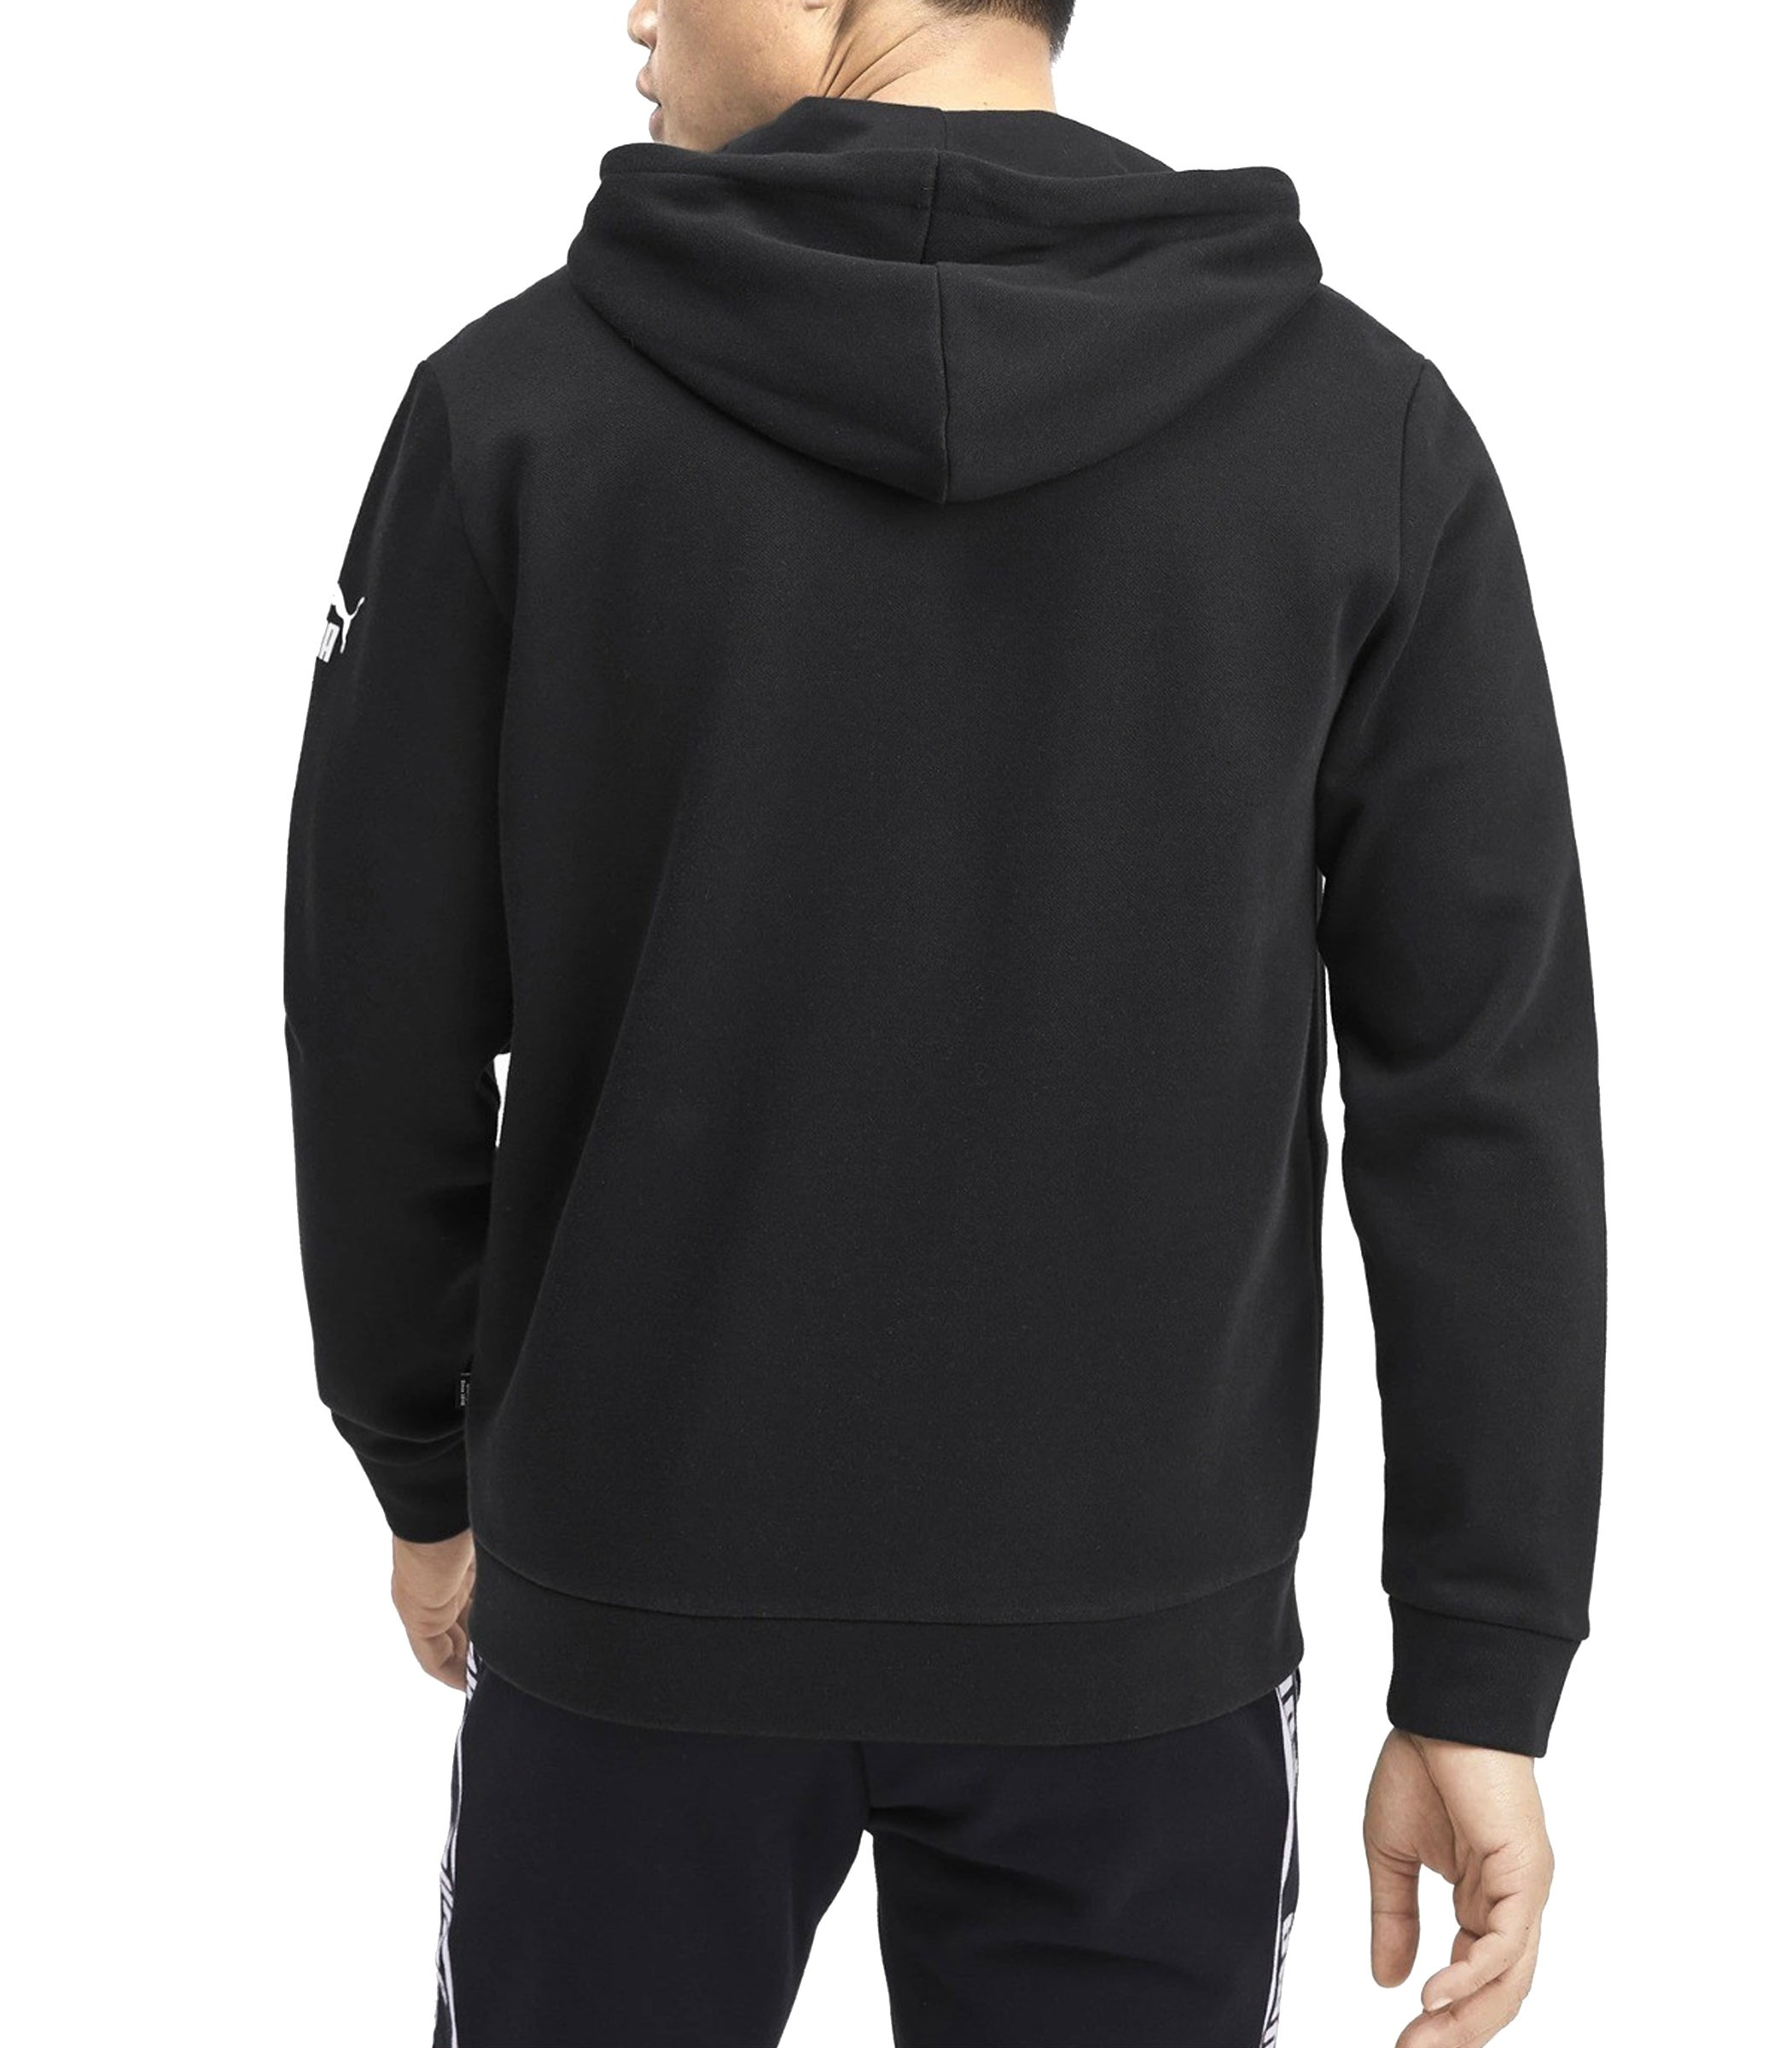 Felpa giacca Puma Amplified Fleece pile con cappuccio da